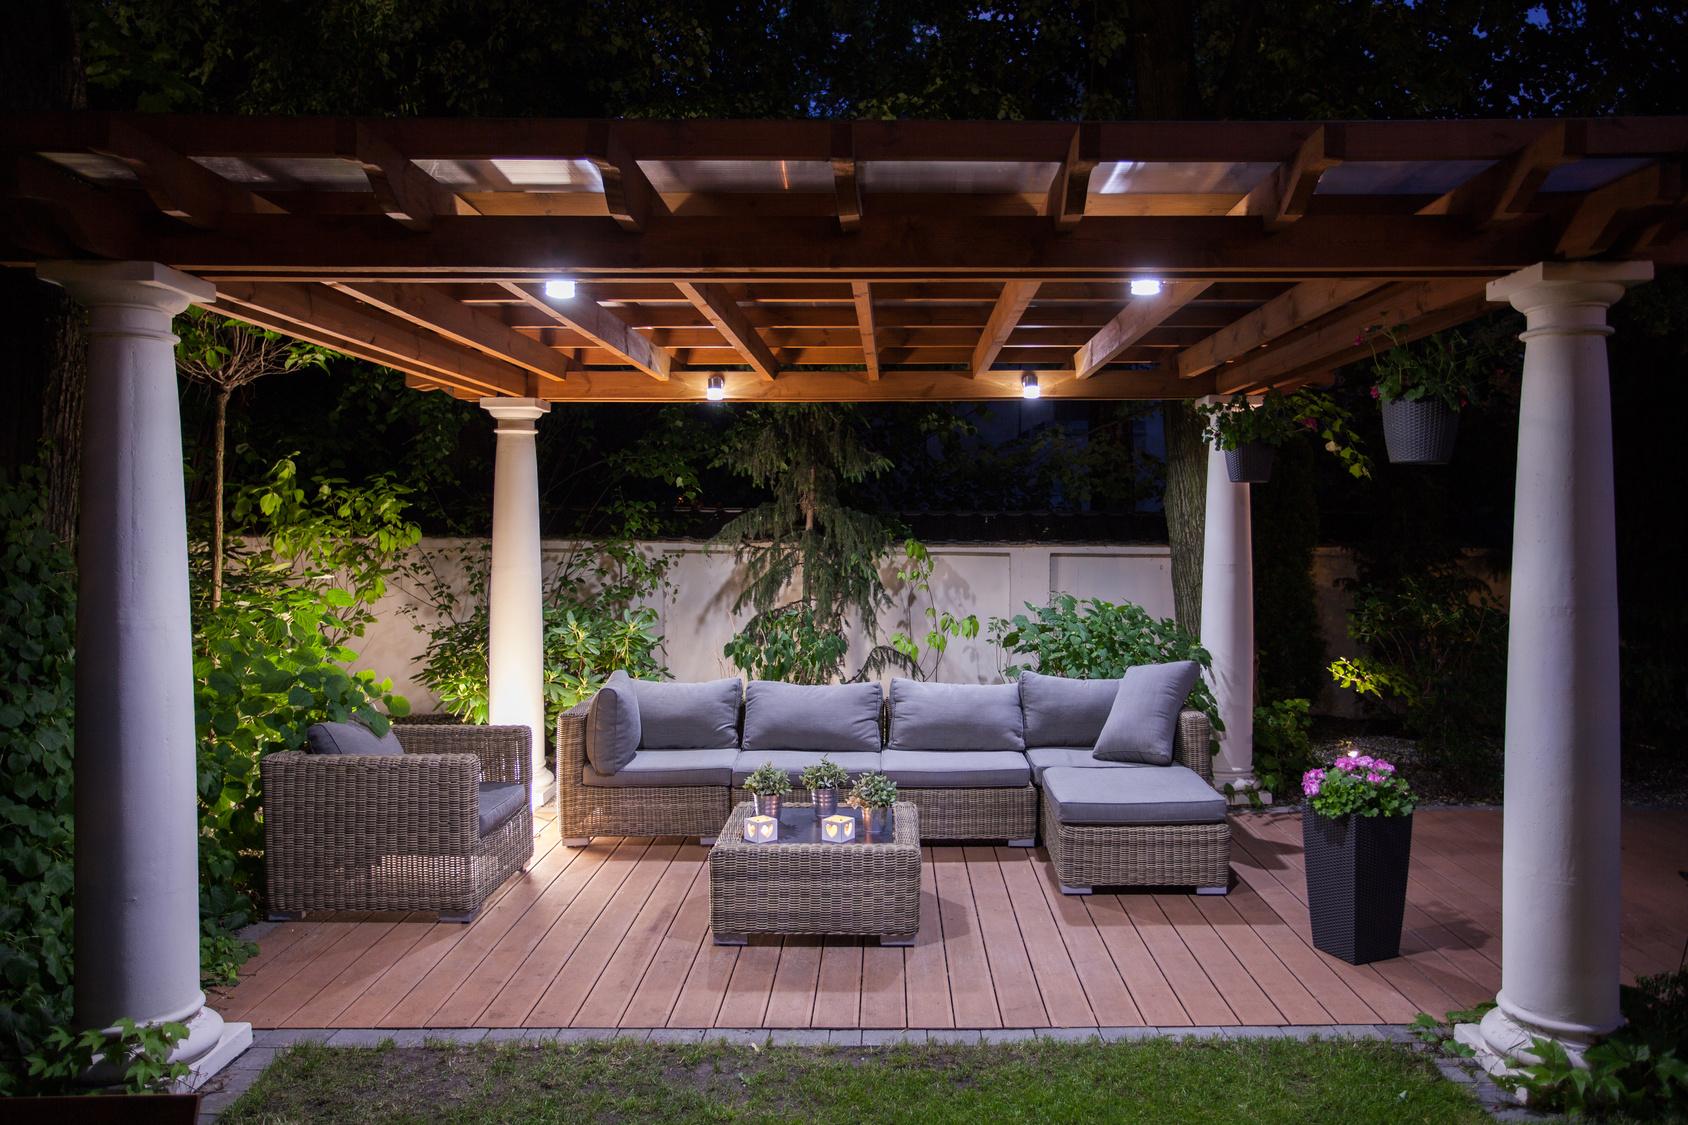 Eclairage De Terrasse Exterieur profiter de sa terrasse en automne